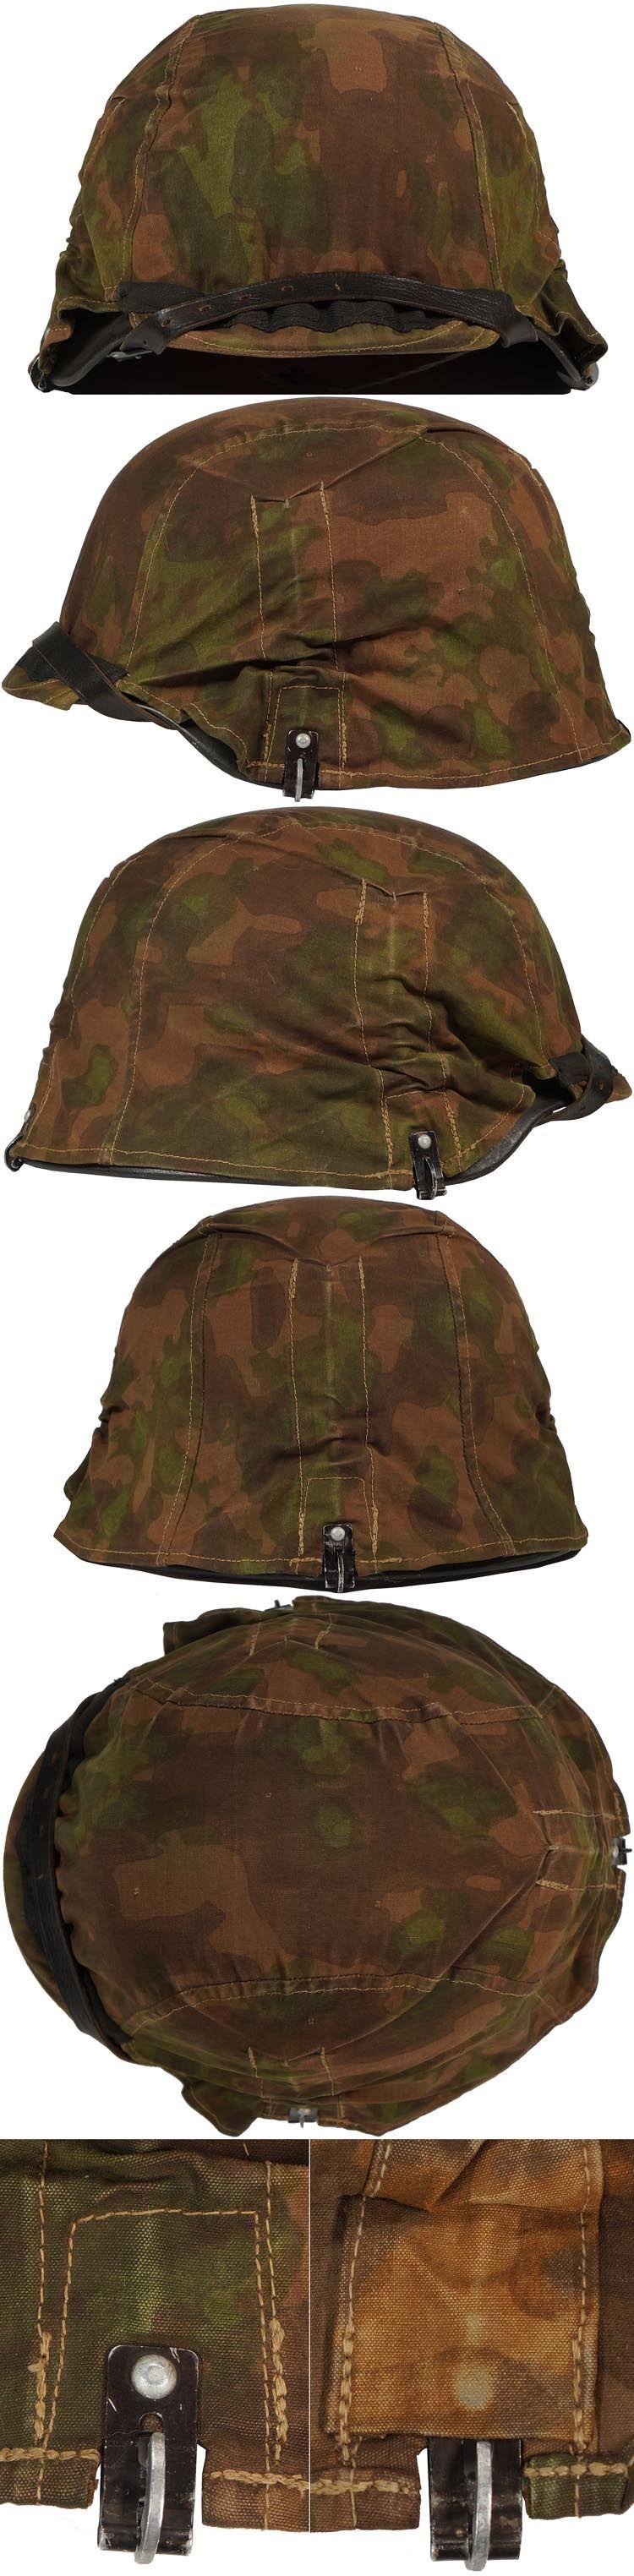 Pin by RobZware on German Helmets  Ww2 uniforms German helmet German soldiers ww2